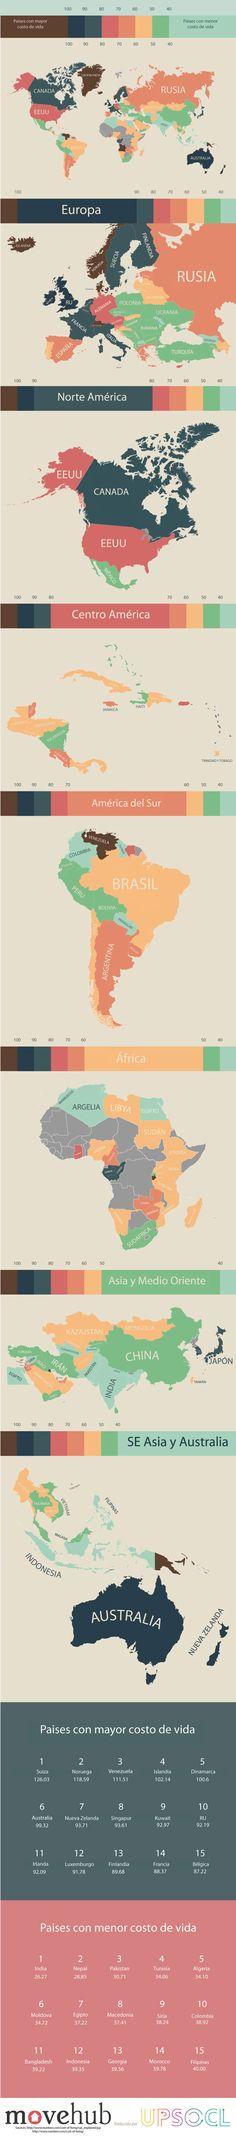 El costo de vivir en otros paises en usa sola infografia